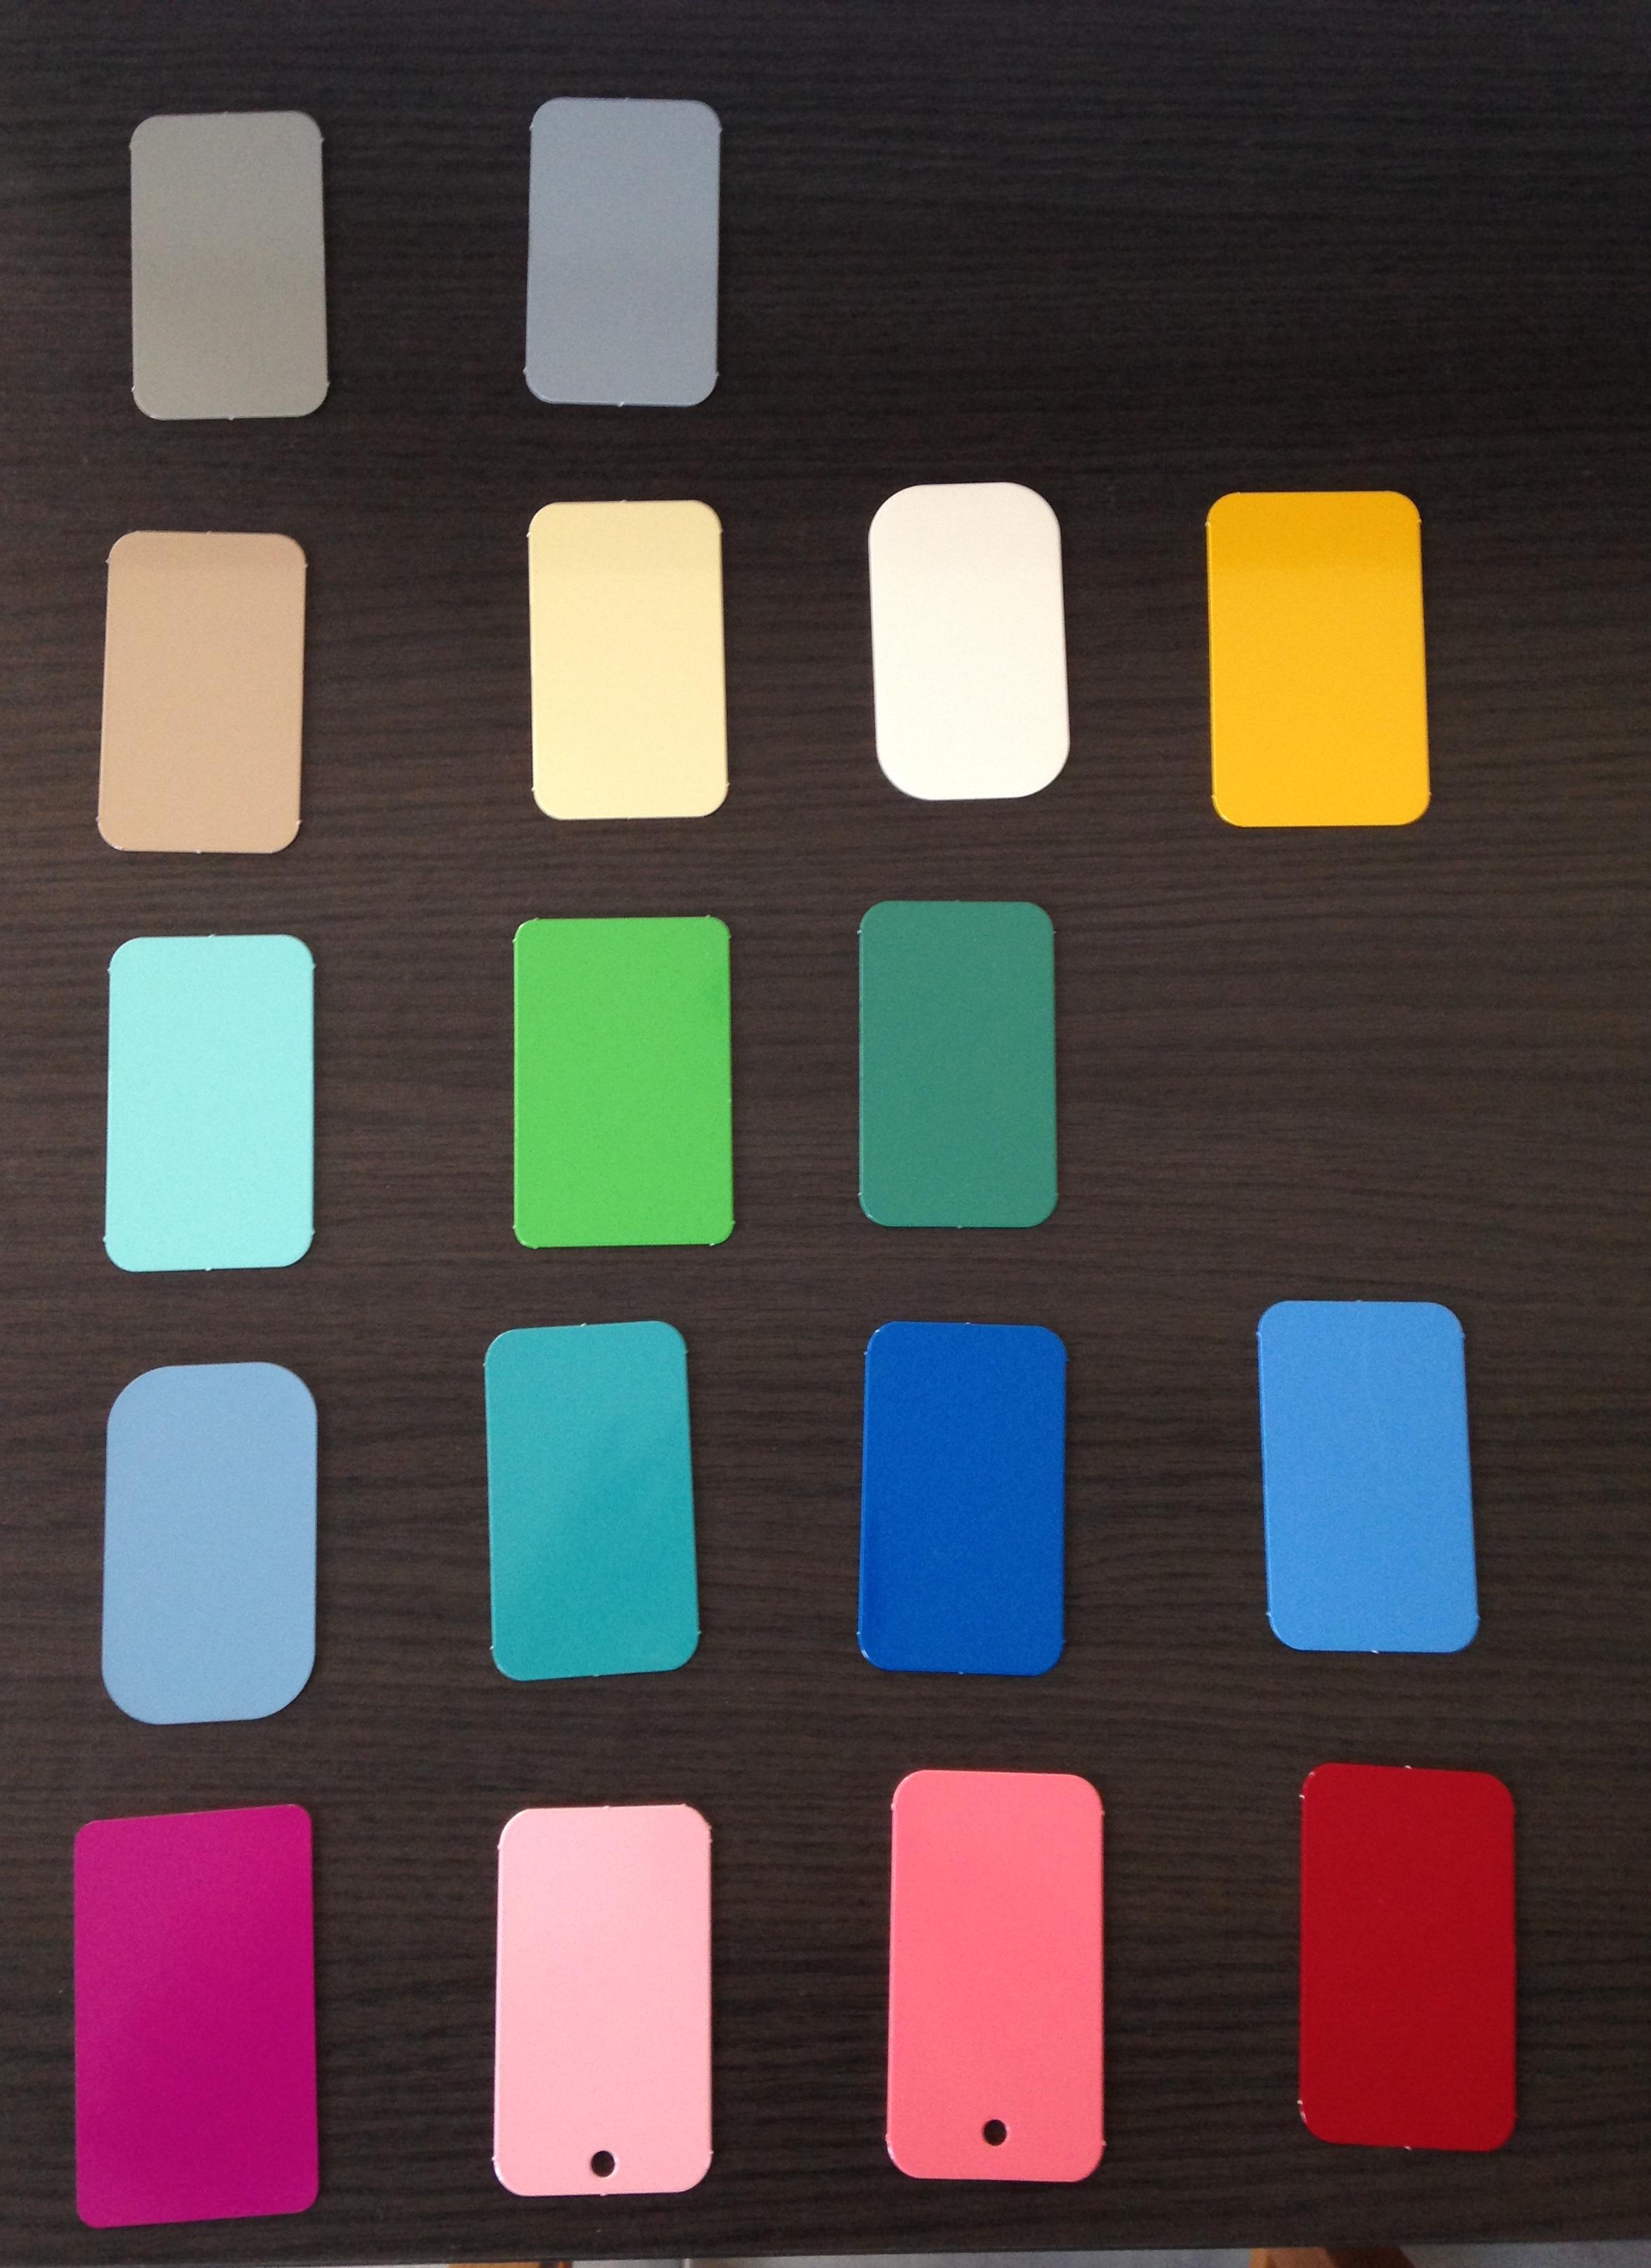 concept meuble acier cocosteel With nuancier de couleur peinture 16 concept meuble acier cocosteel